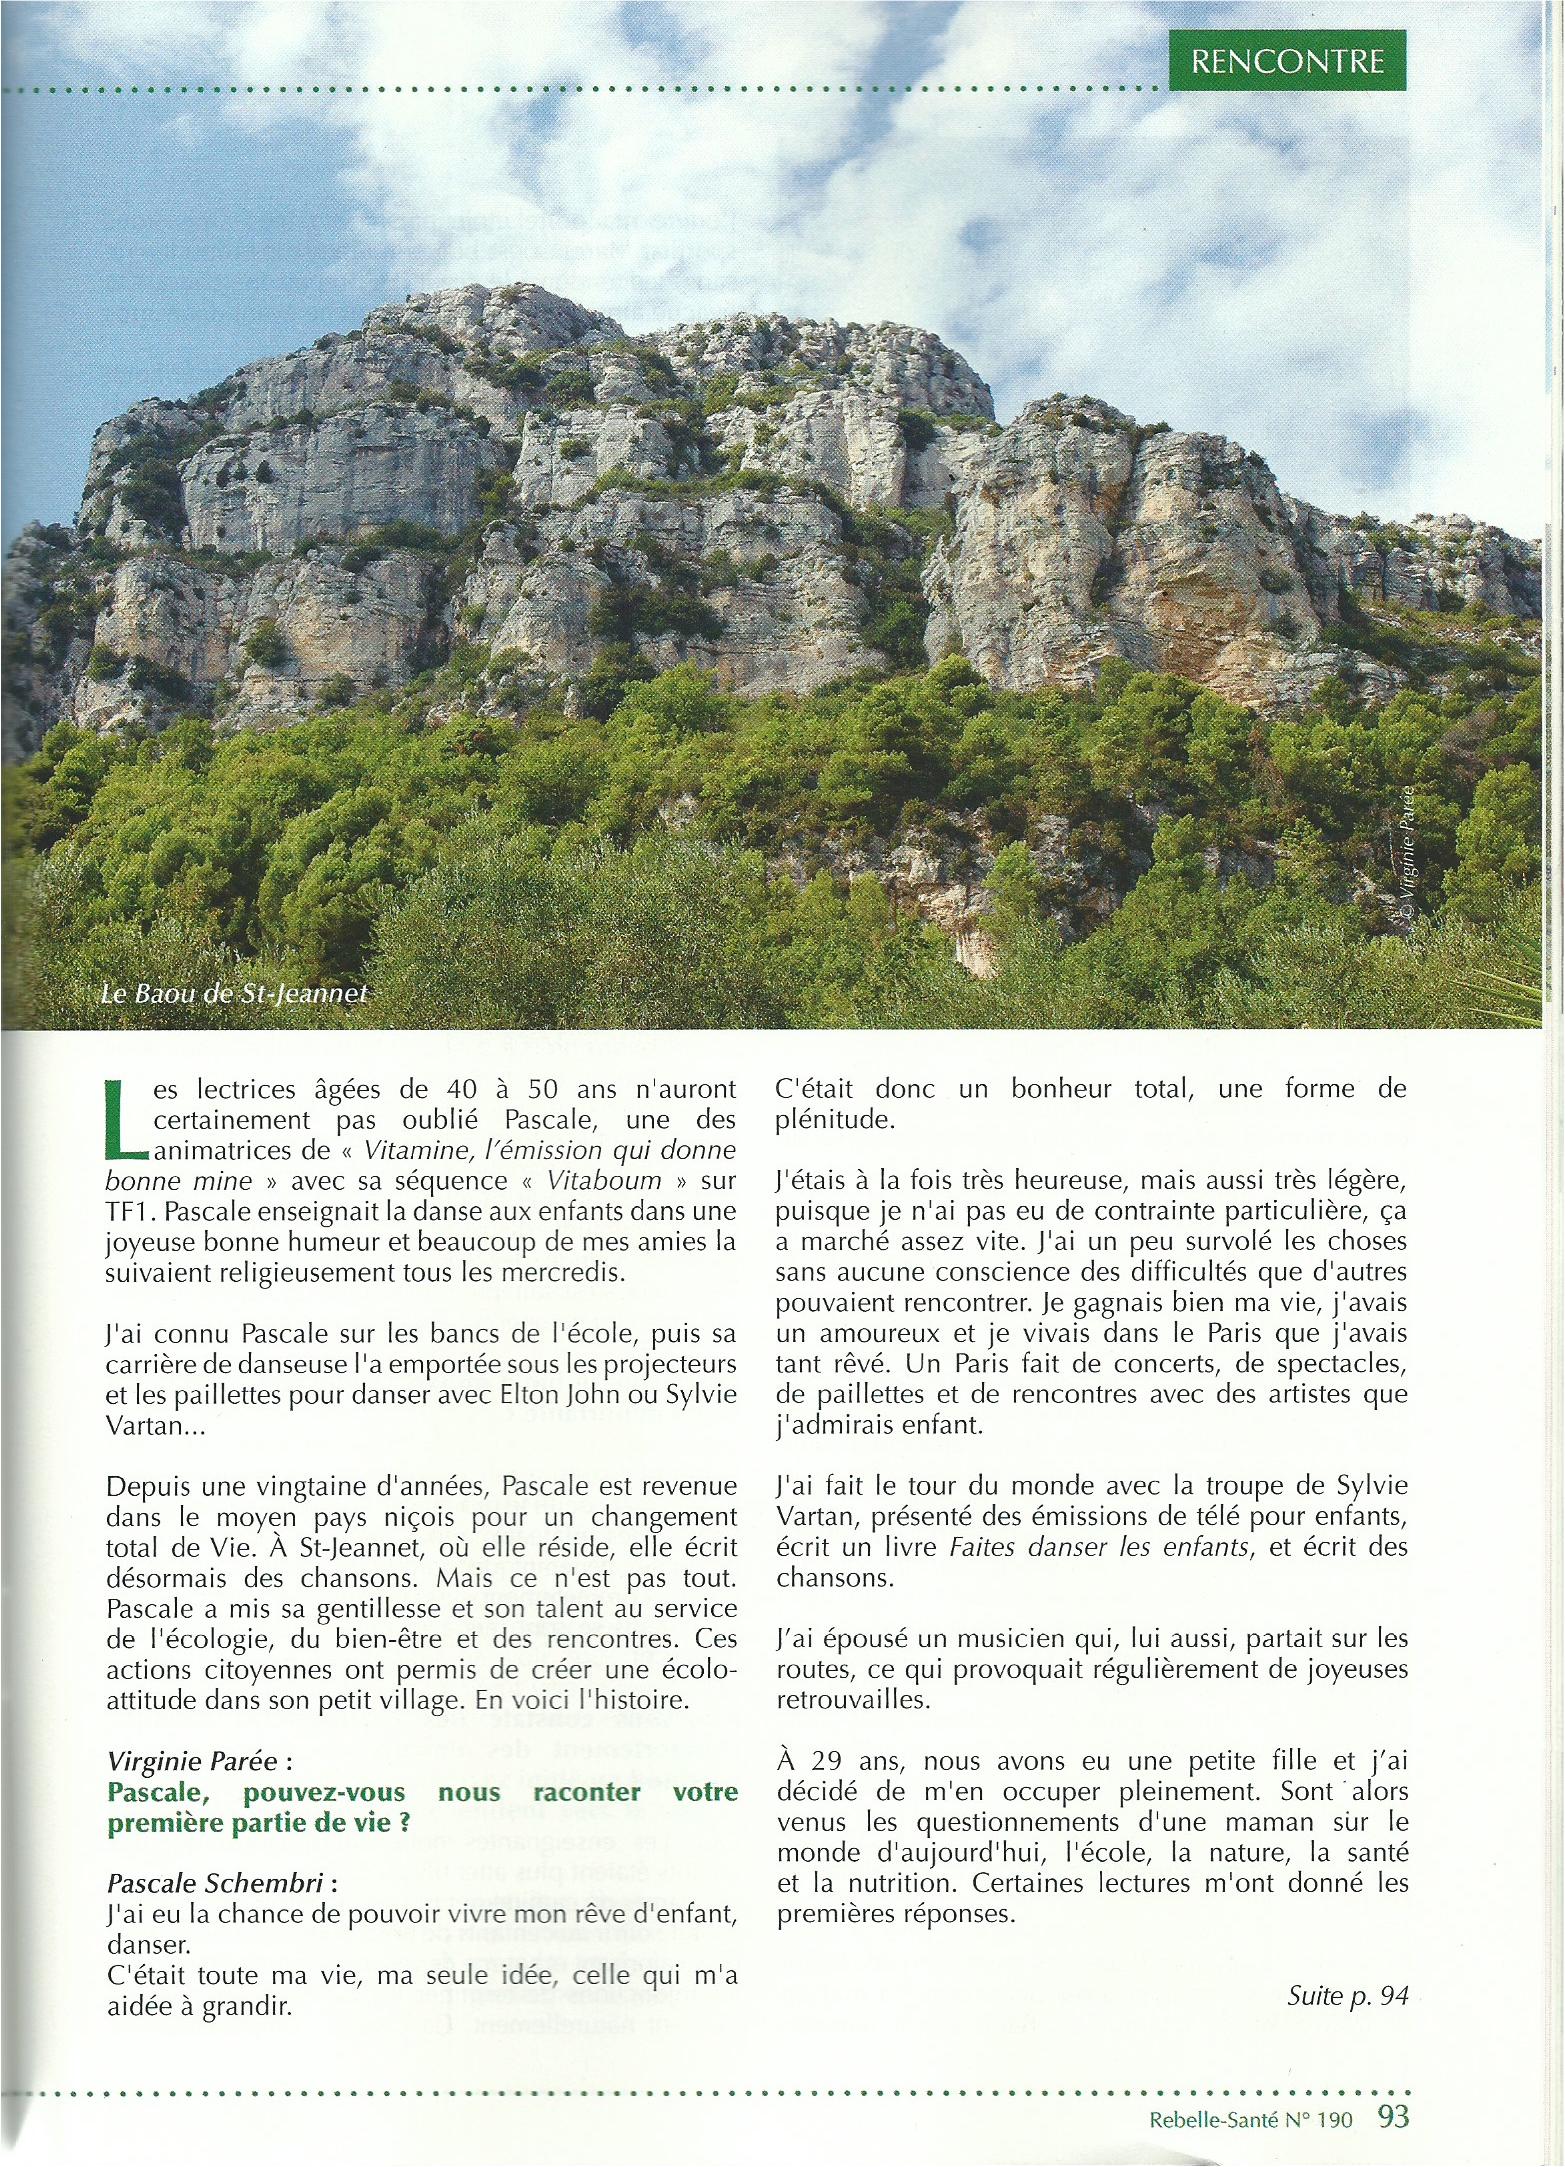 article-dans-rebelle-sante-2